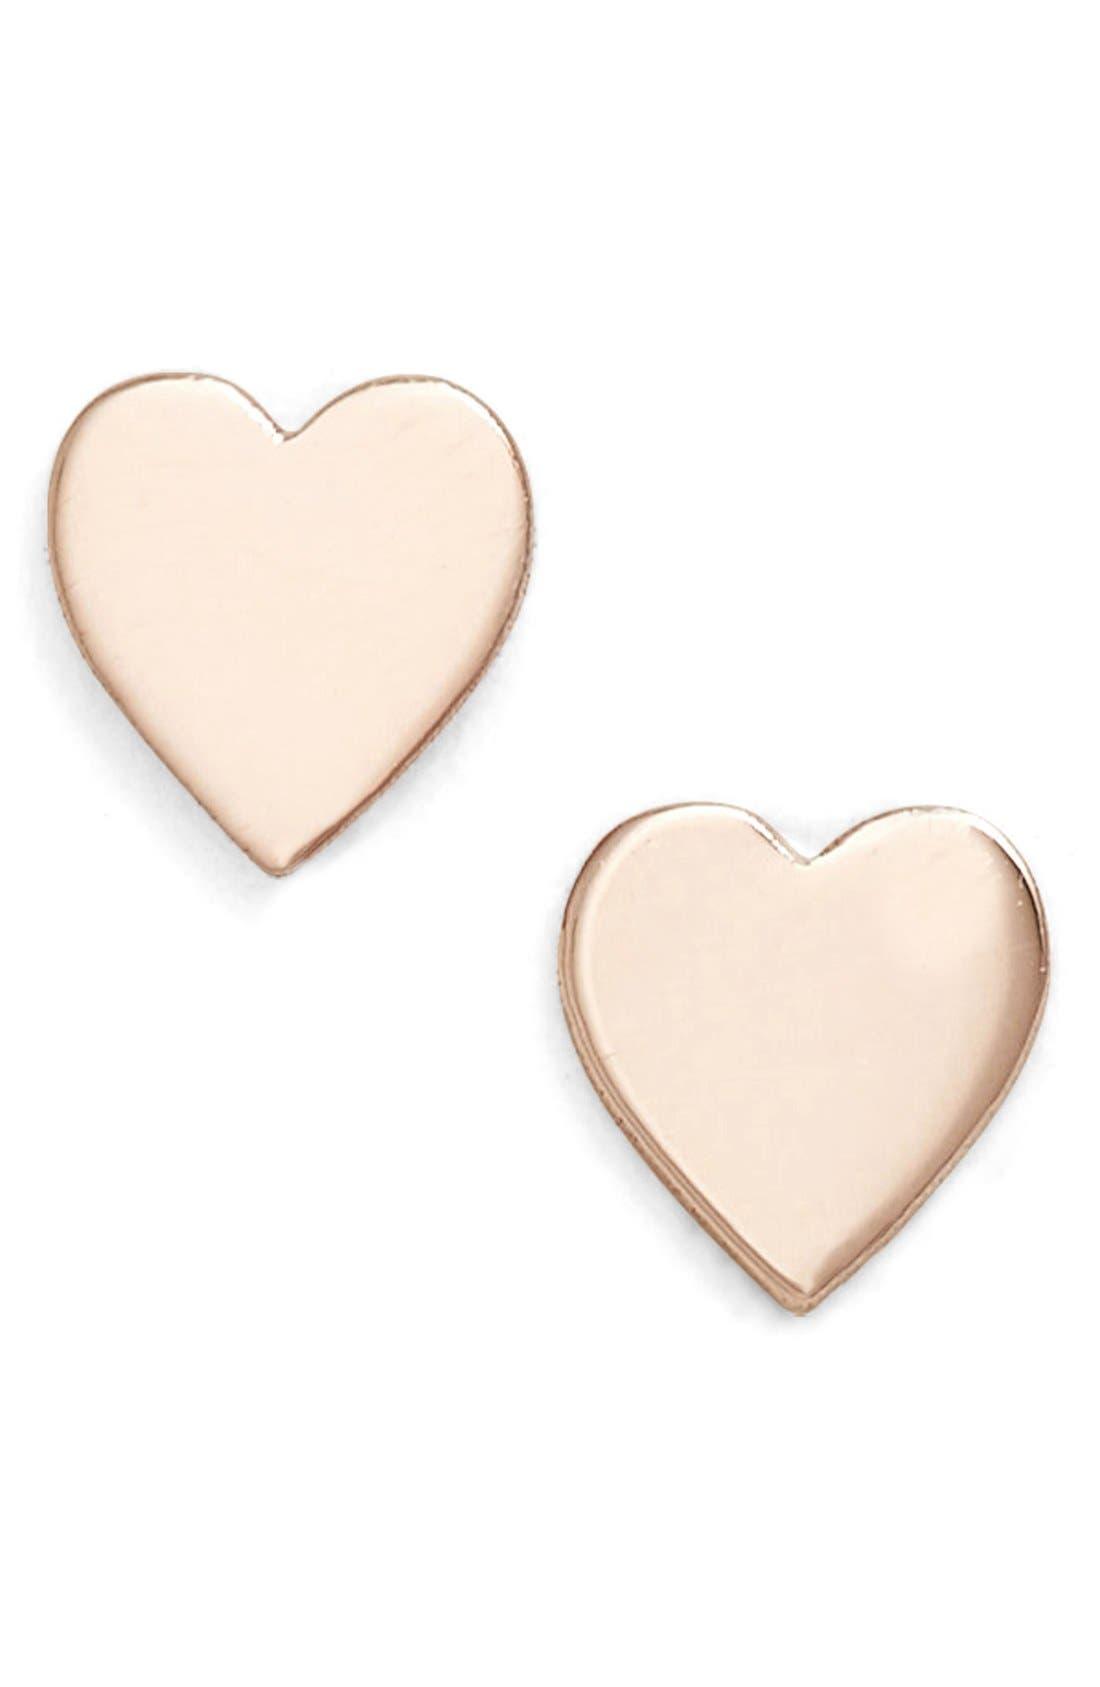 Alternate Image 1 Selected - Poppy Finch Mini Sweetheart Stud Earrings